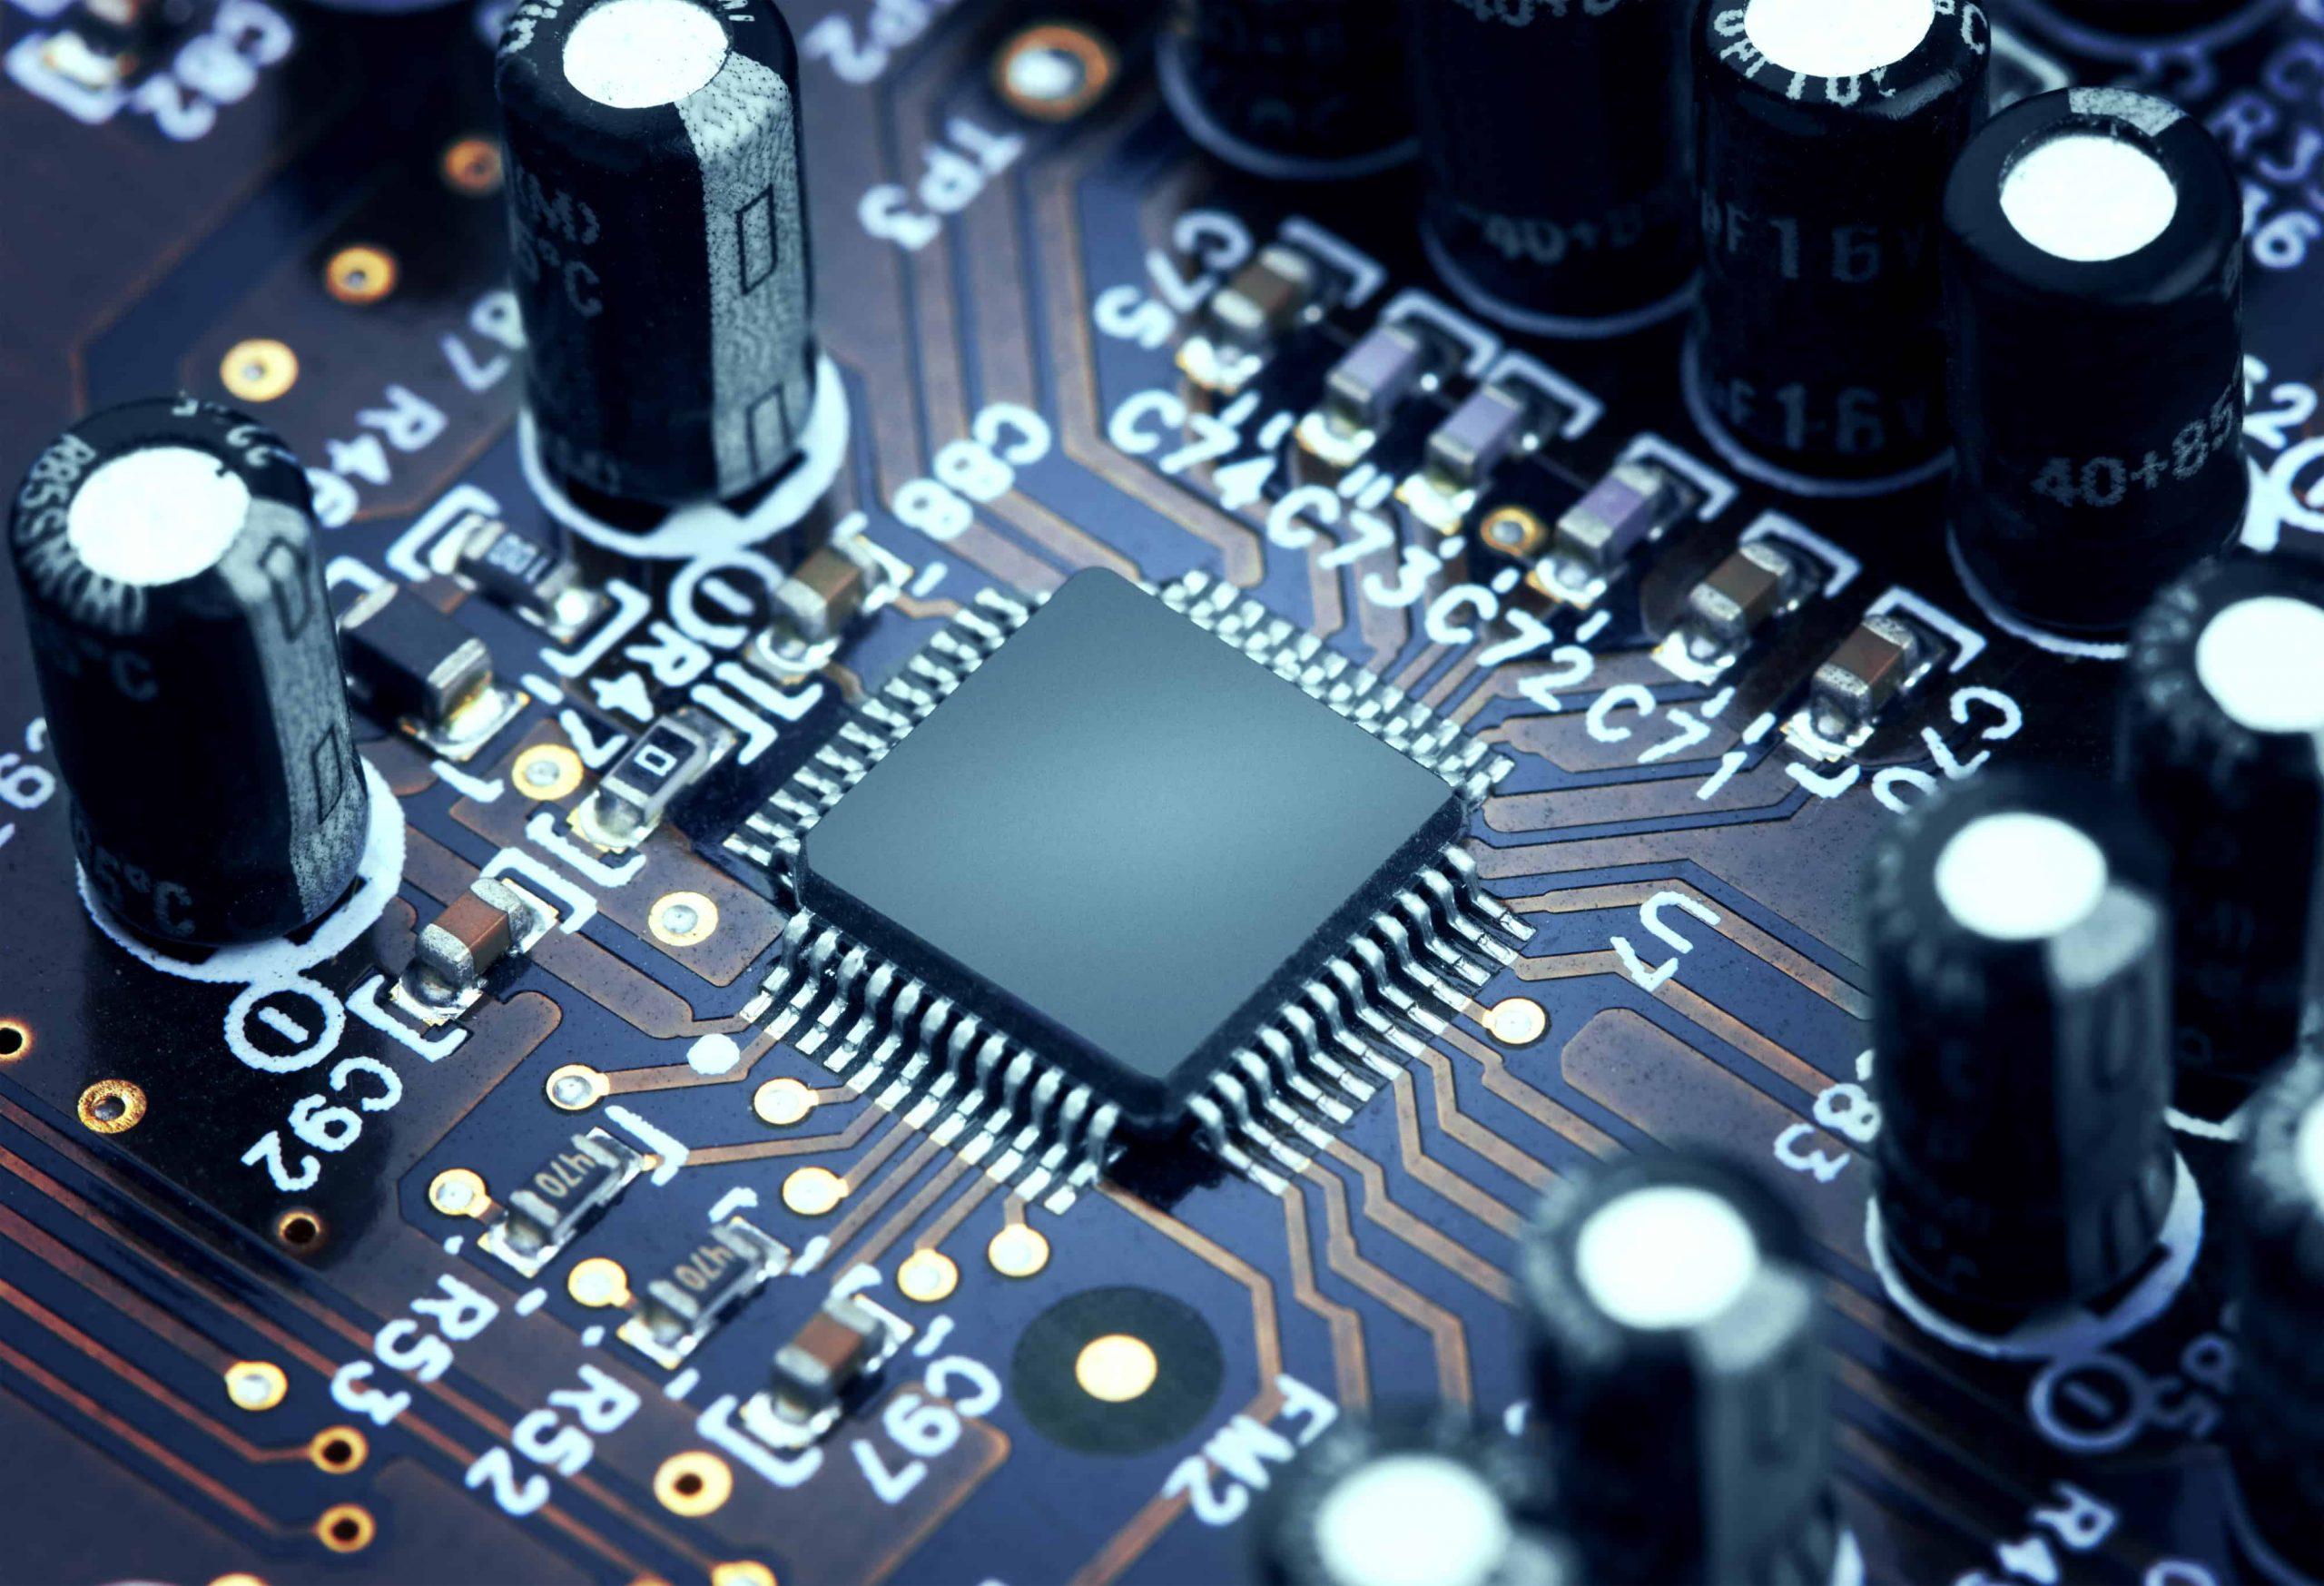 Procesadores AMD: ¿Cuáles son los mejores del 2020?